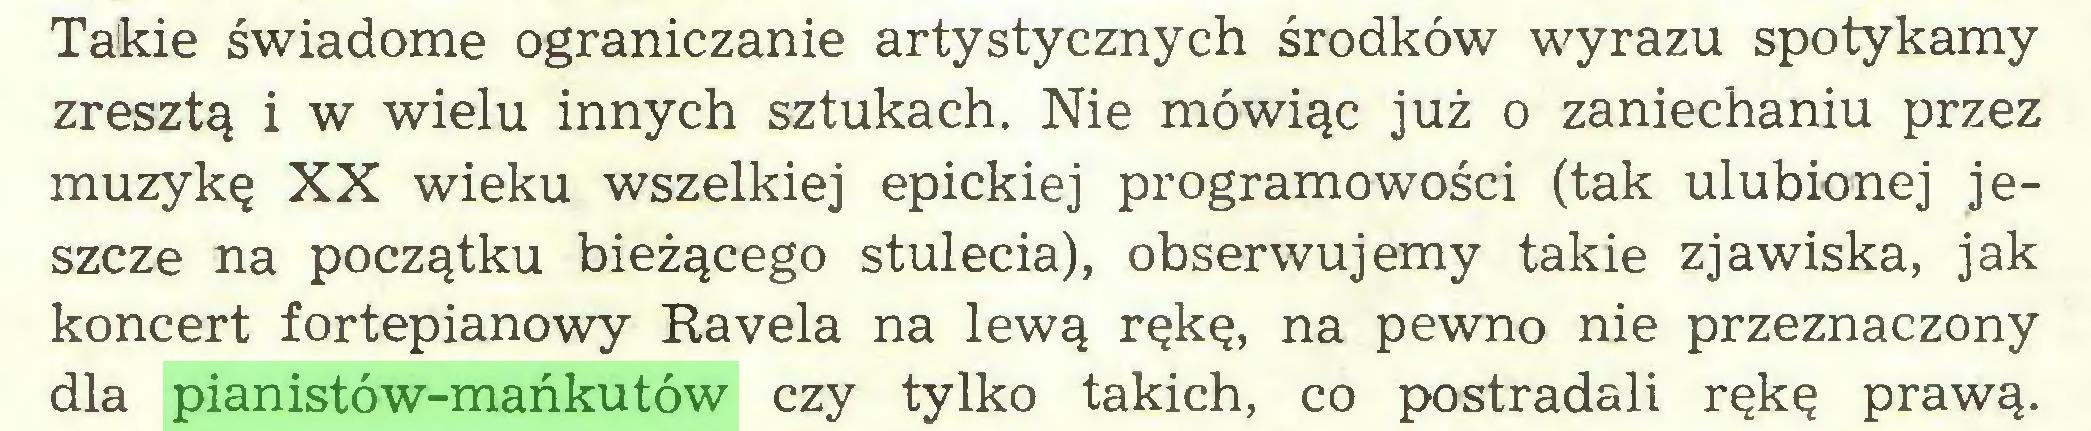 (...) Takie świadome ograniczanie artystycznych środków wyrazu spotykamy zresztą i w wielu innych sztukach. Nie mówiąc już o zaniechaniu przez muzykę XX wieku wszelkiej epickiej programowości (tak ulubionej jeszcze na początku bieżącego stulecia), obserwujemy takie zjawiska, jak koncert fortepianowy Ravela na lewą rękę, na pewno nie przeznaczony dla pianistów-mańkutów czy tylko takich, co postradali rękę prawą...